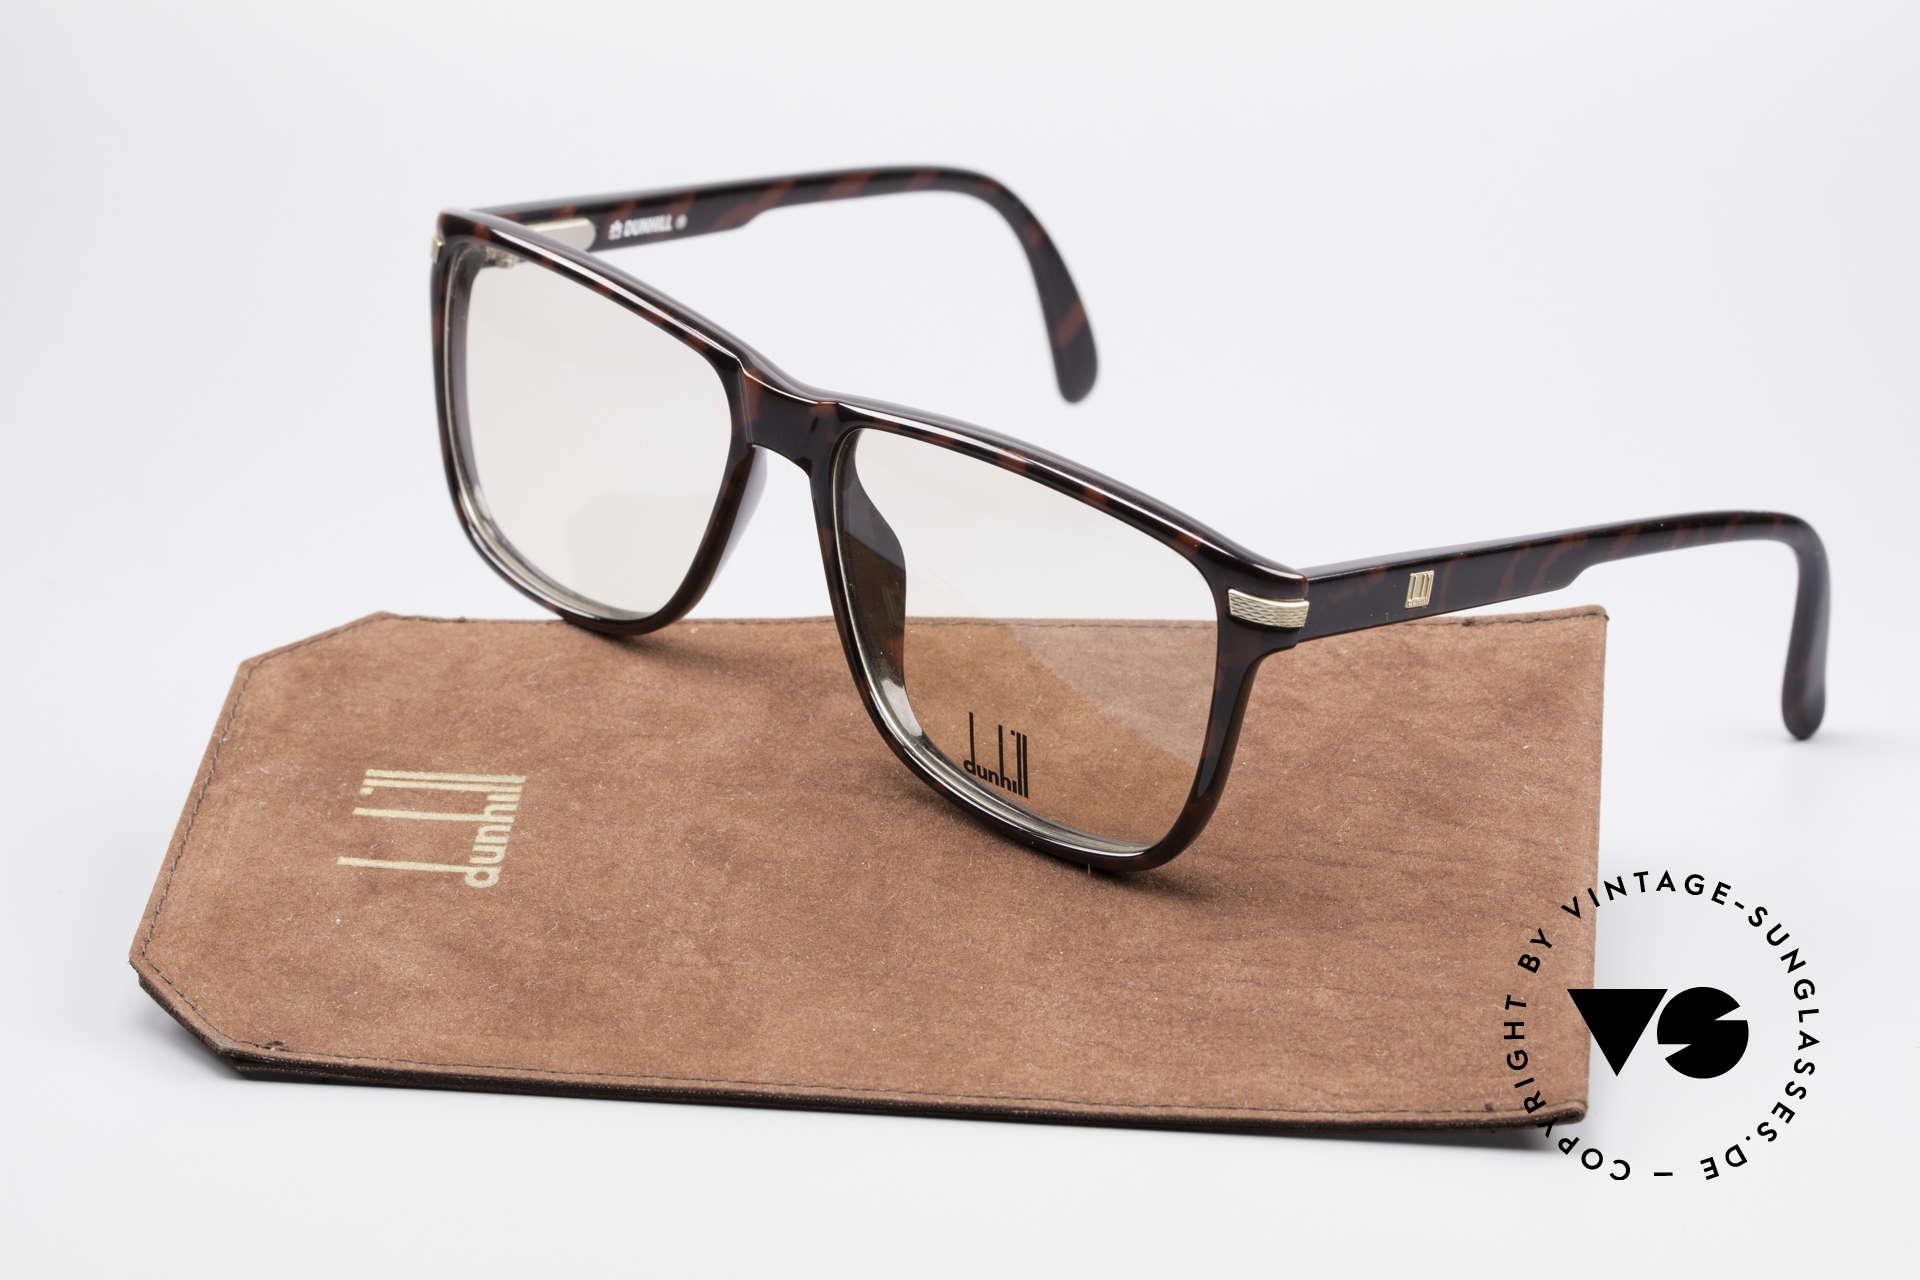 Dunhill 6055 Johnny Depp Nerd Style Frame, Johnny Depp frame or 'nerd glasses'; these days, Made for Men